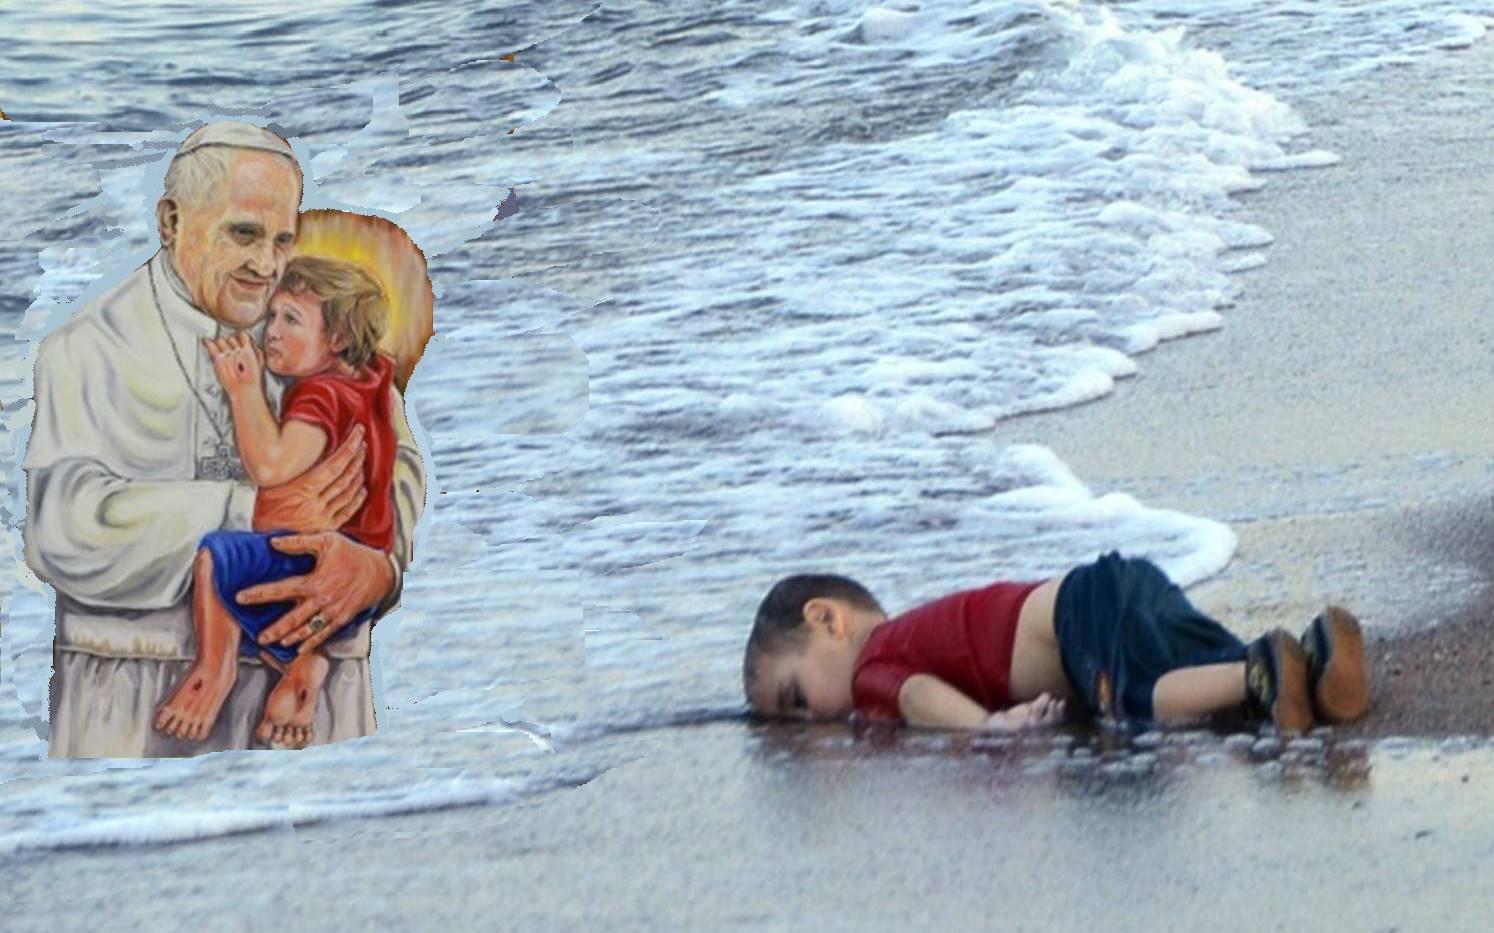 Menino refugiado morreu na praia